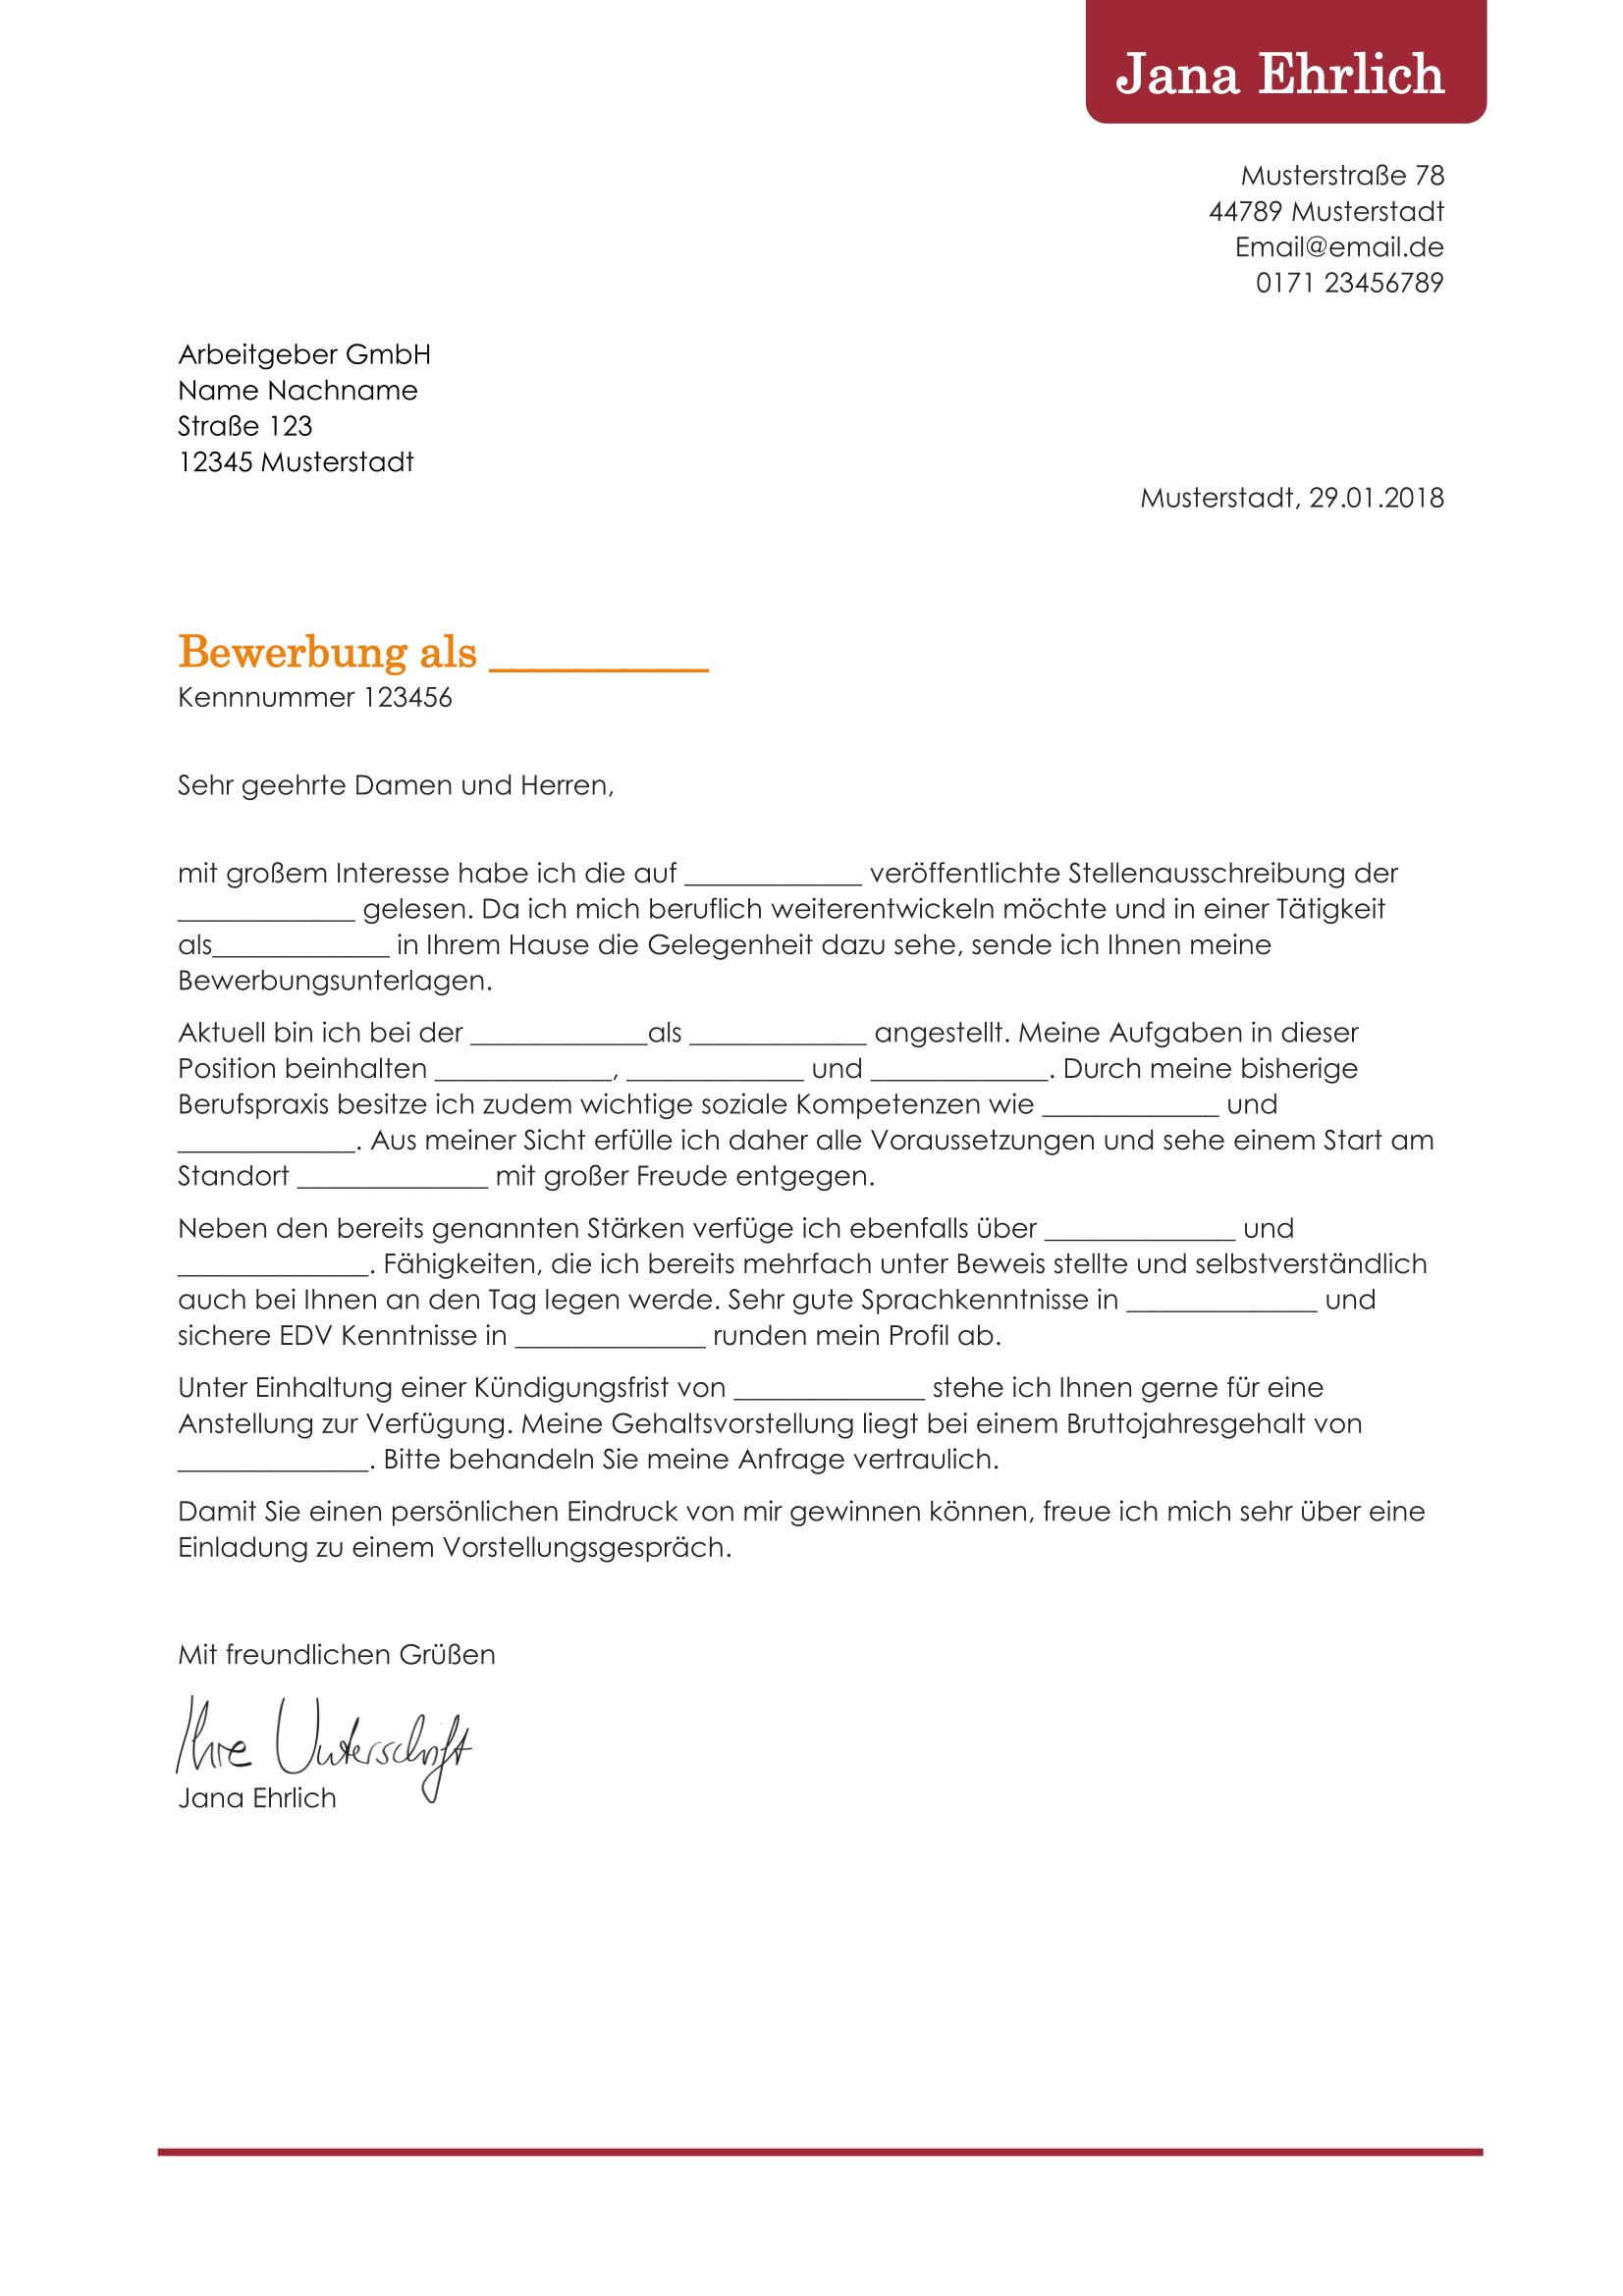 Einzigartig Bewerbung Nach Ausbildung Muster Briefprobe Briefformat Briefvorlage Relatable Job Person